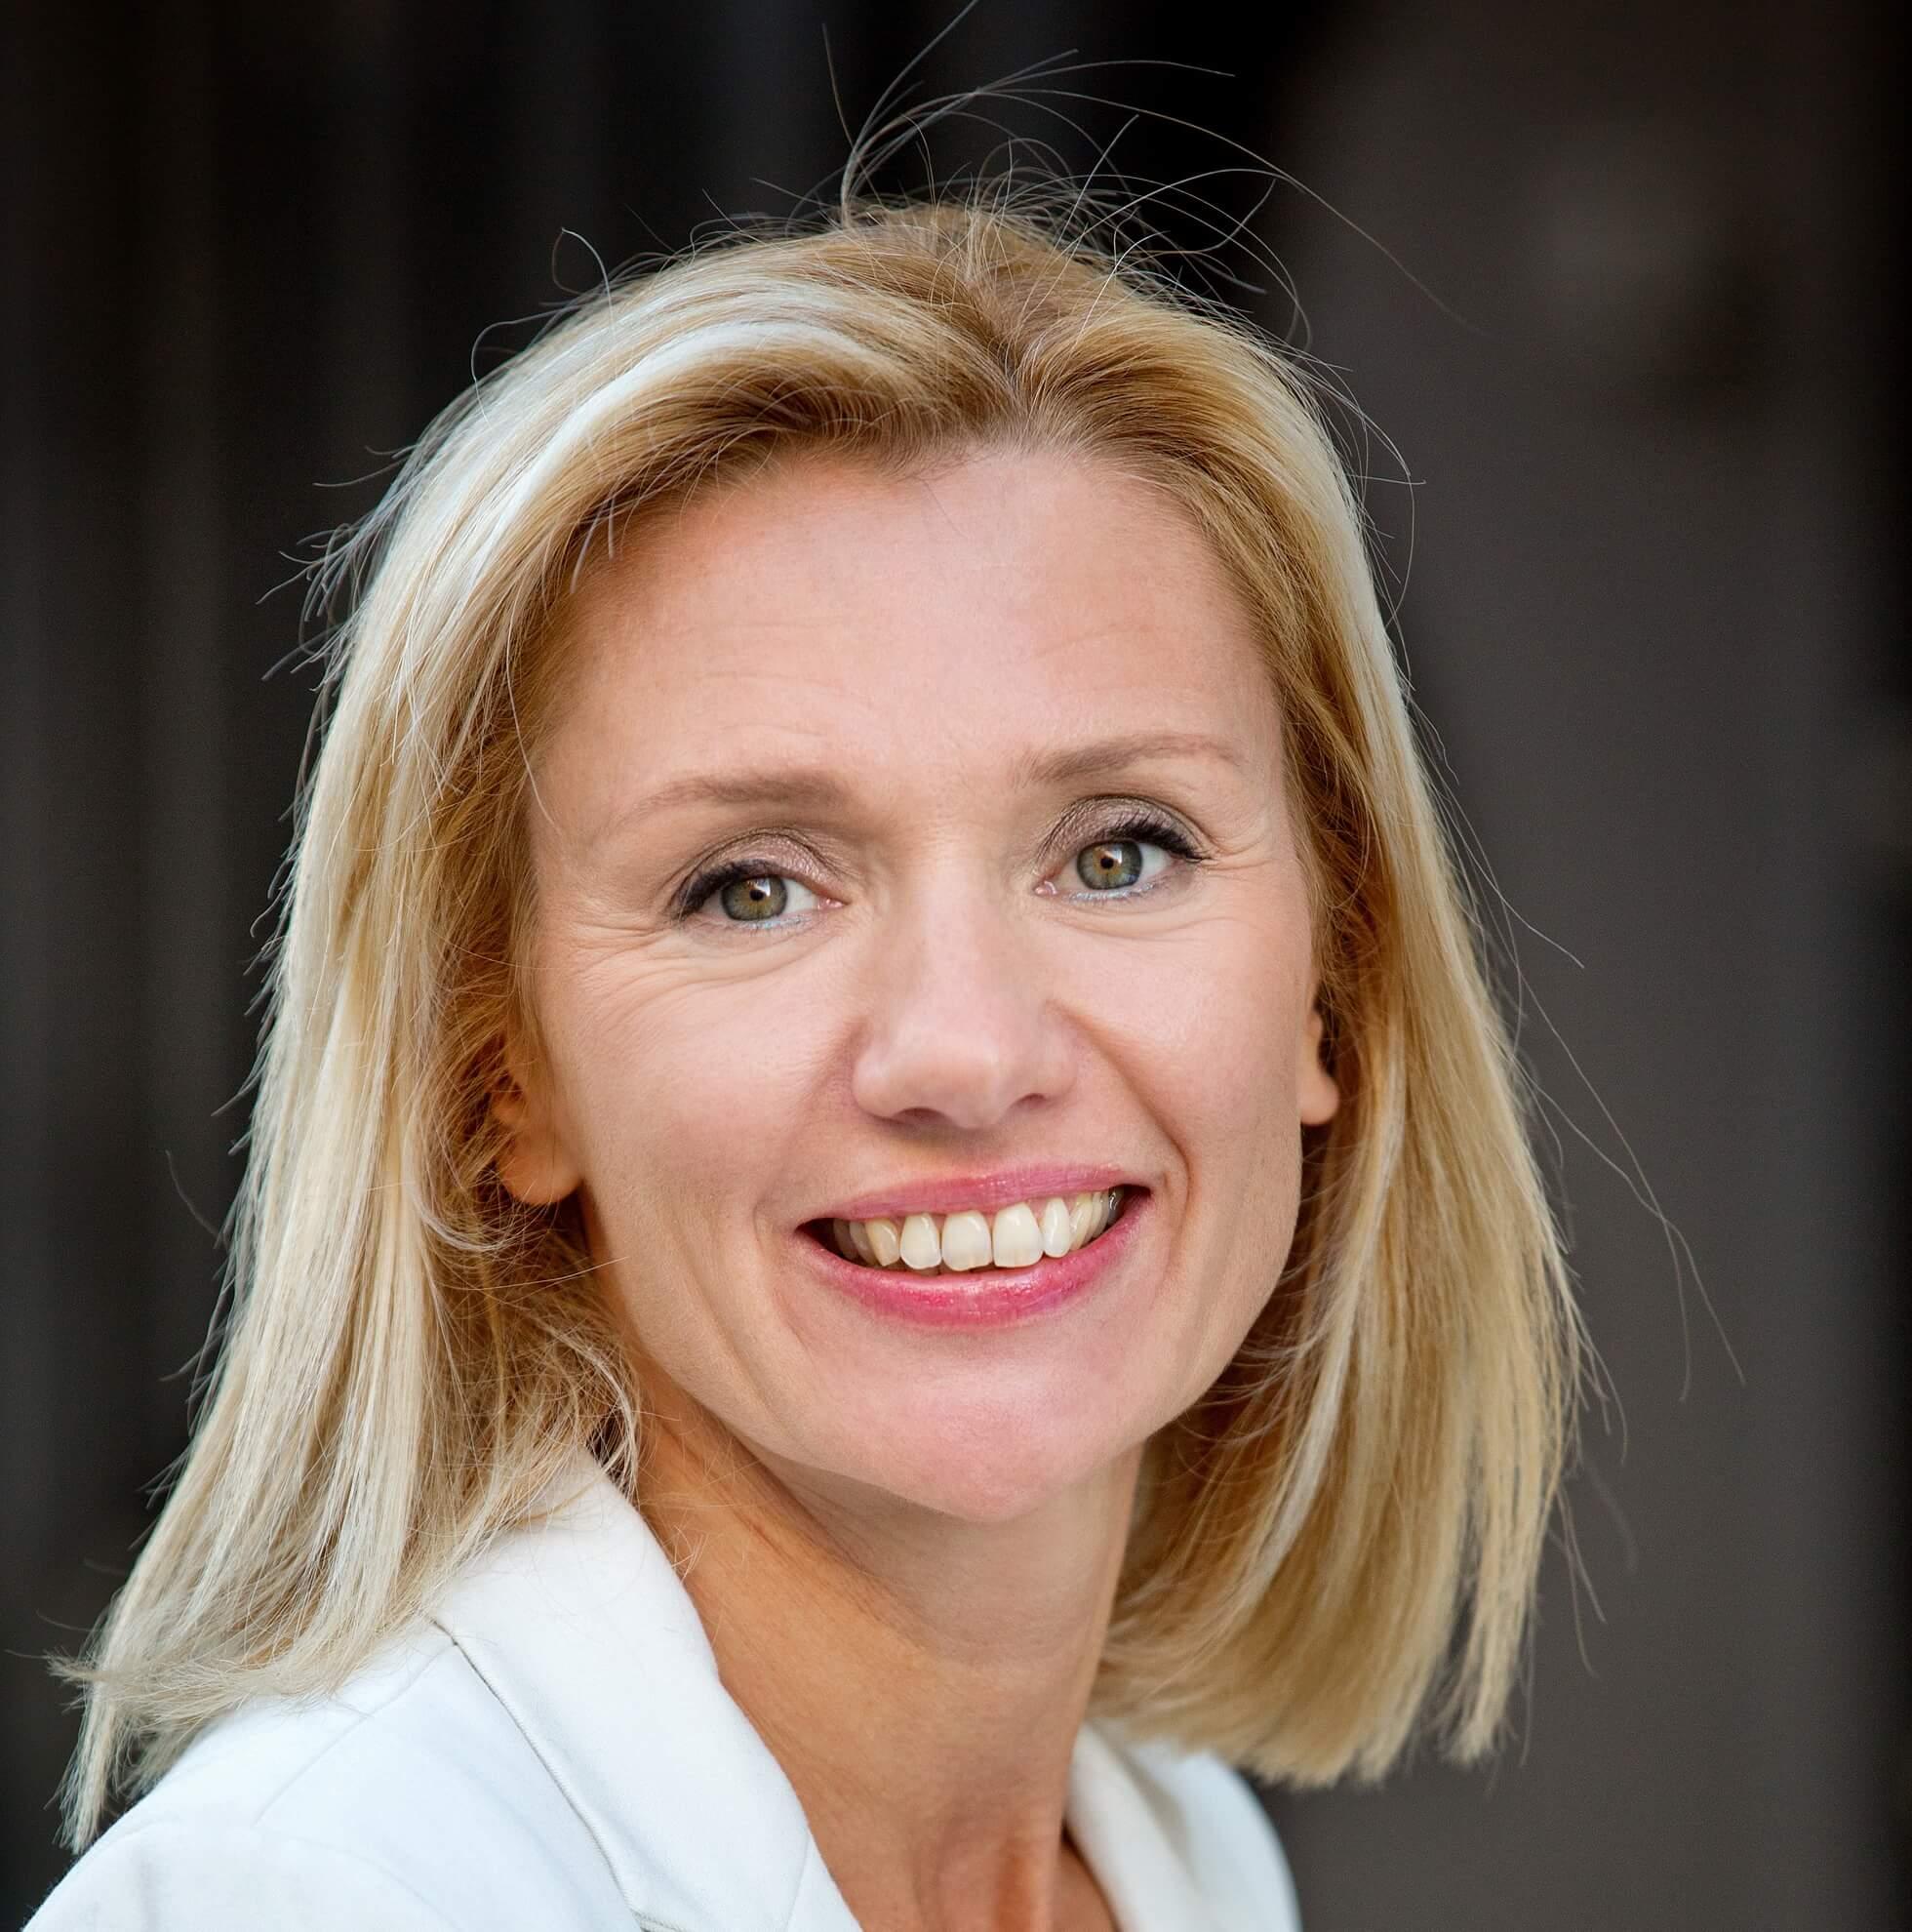 Nathalie Malicet